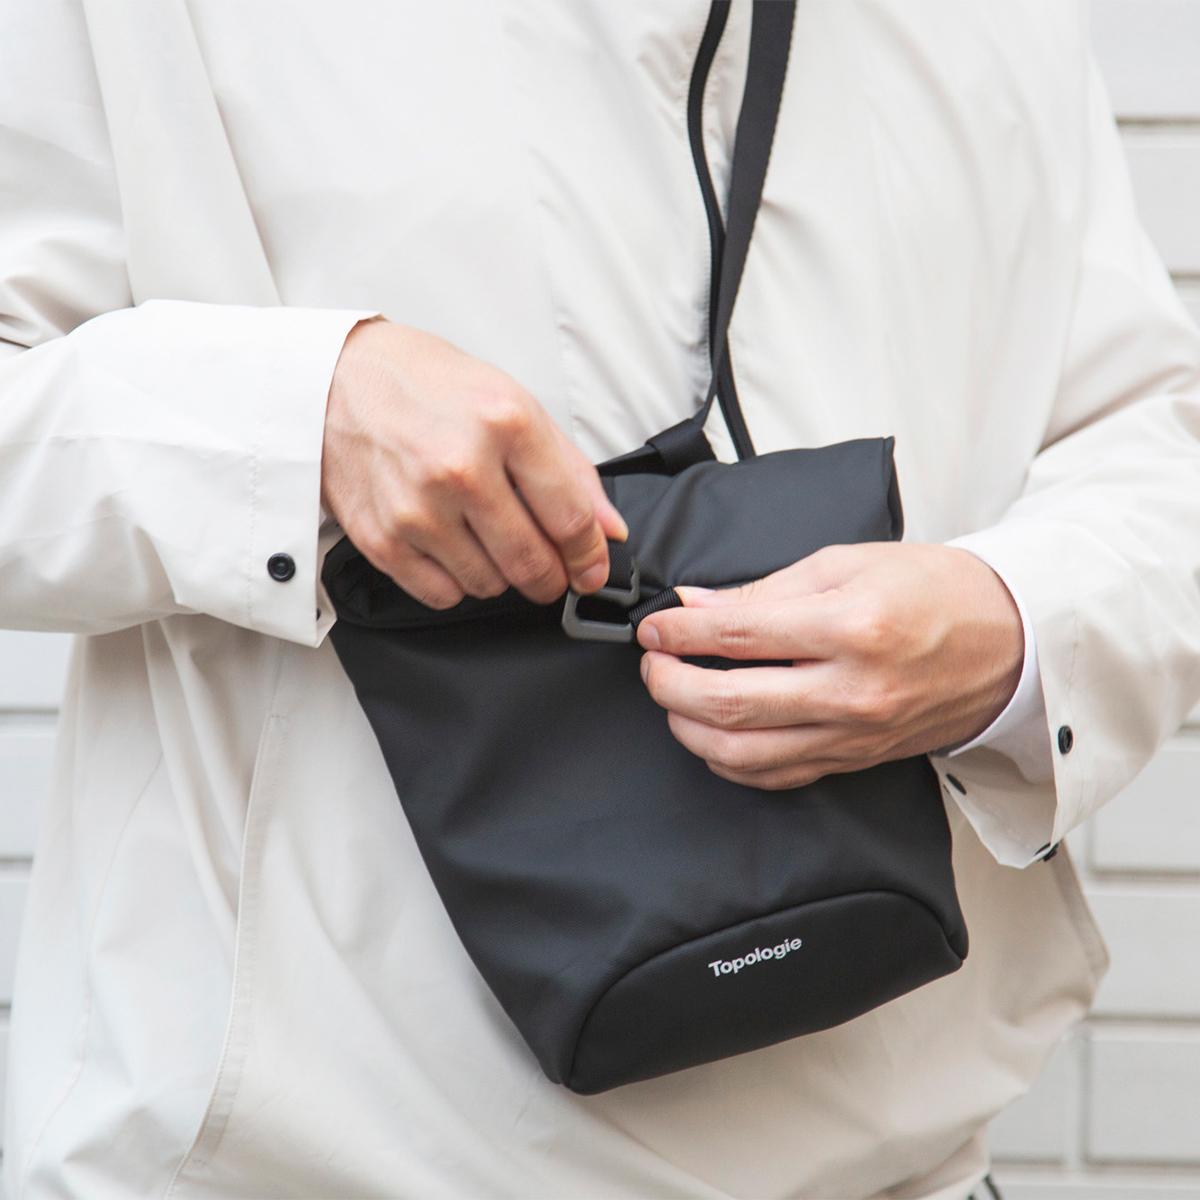 生活環境に干渉しない「スマートなデザイン」|外側にポケットや装飾のない無駄を削ぎ落としたデザインの「4WAYウエストバッグ」(水濡れや汚れに強いドライコレクション)|Topologie